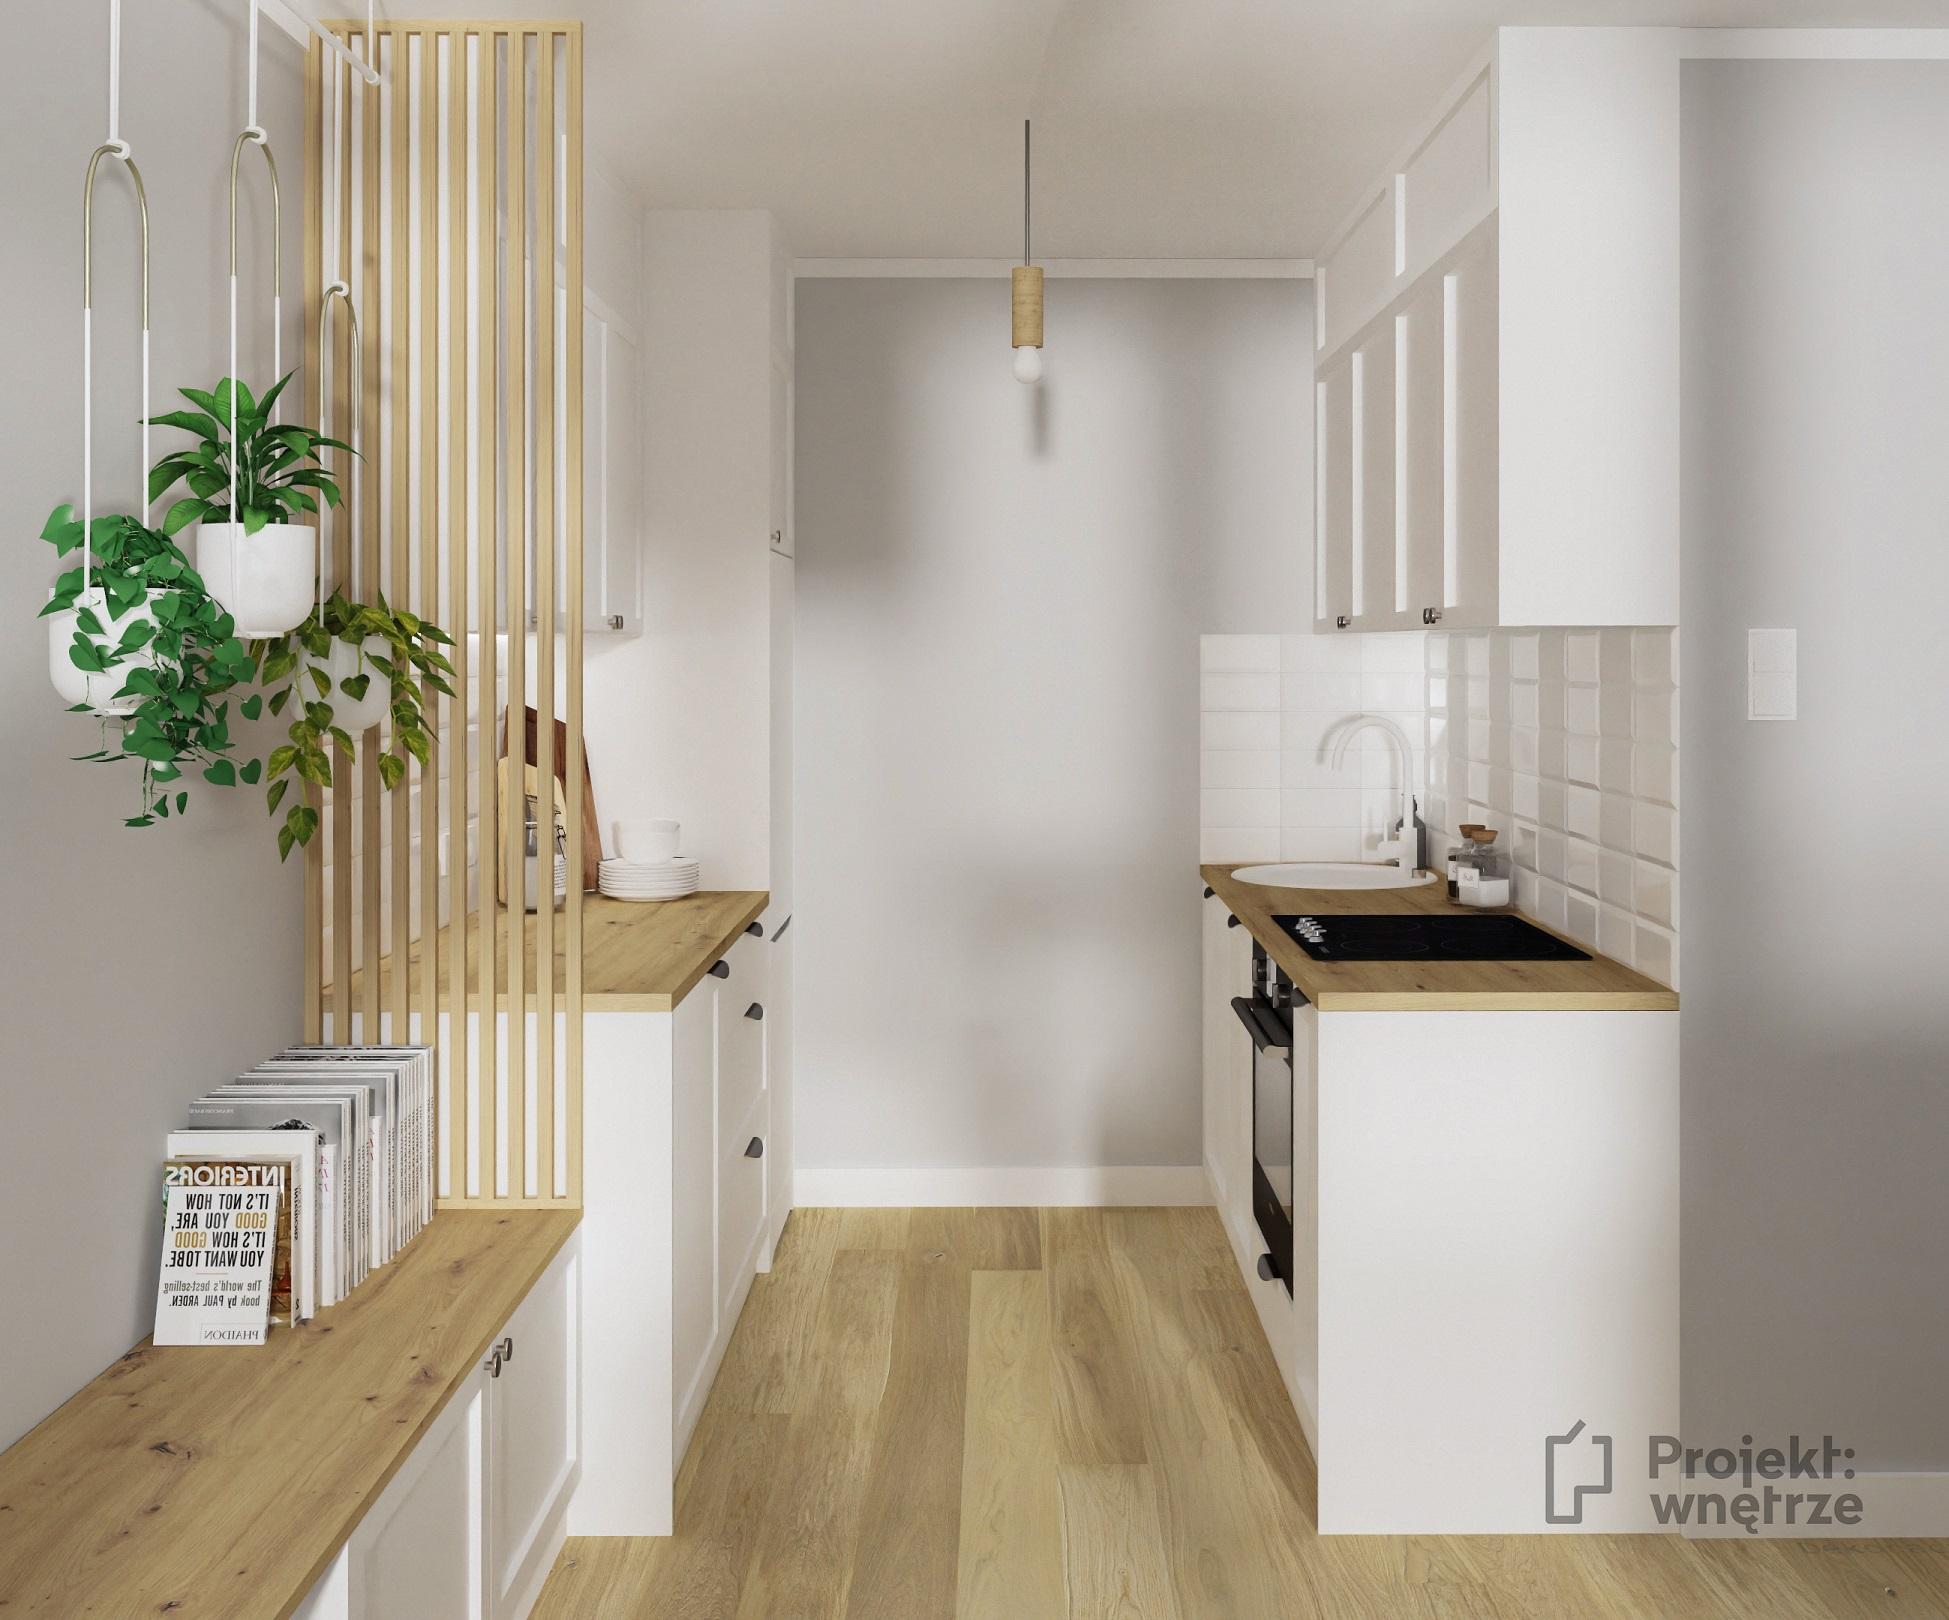 Projekt wnętrze projekt małego mieszkania w neutralnych odcieniach szarości biel drewno. Lamele w salonie. Mały salon z aneksem kuchennym i miejscem do pracy - projektowanie wnętrz warszawa online - www.projektwnetrze.com.pl